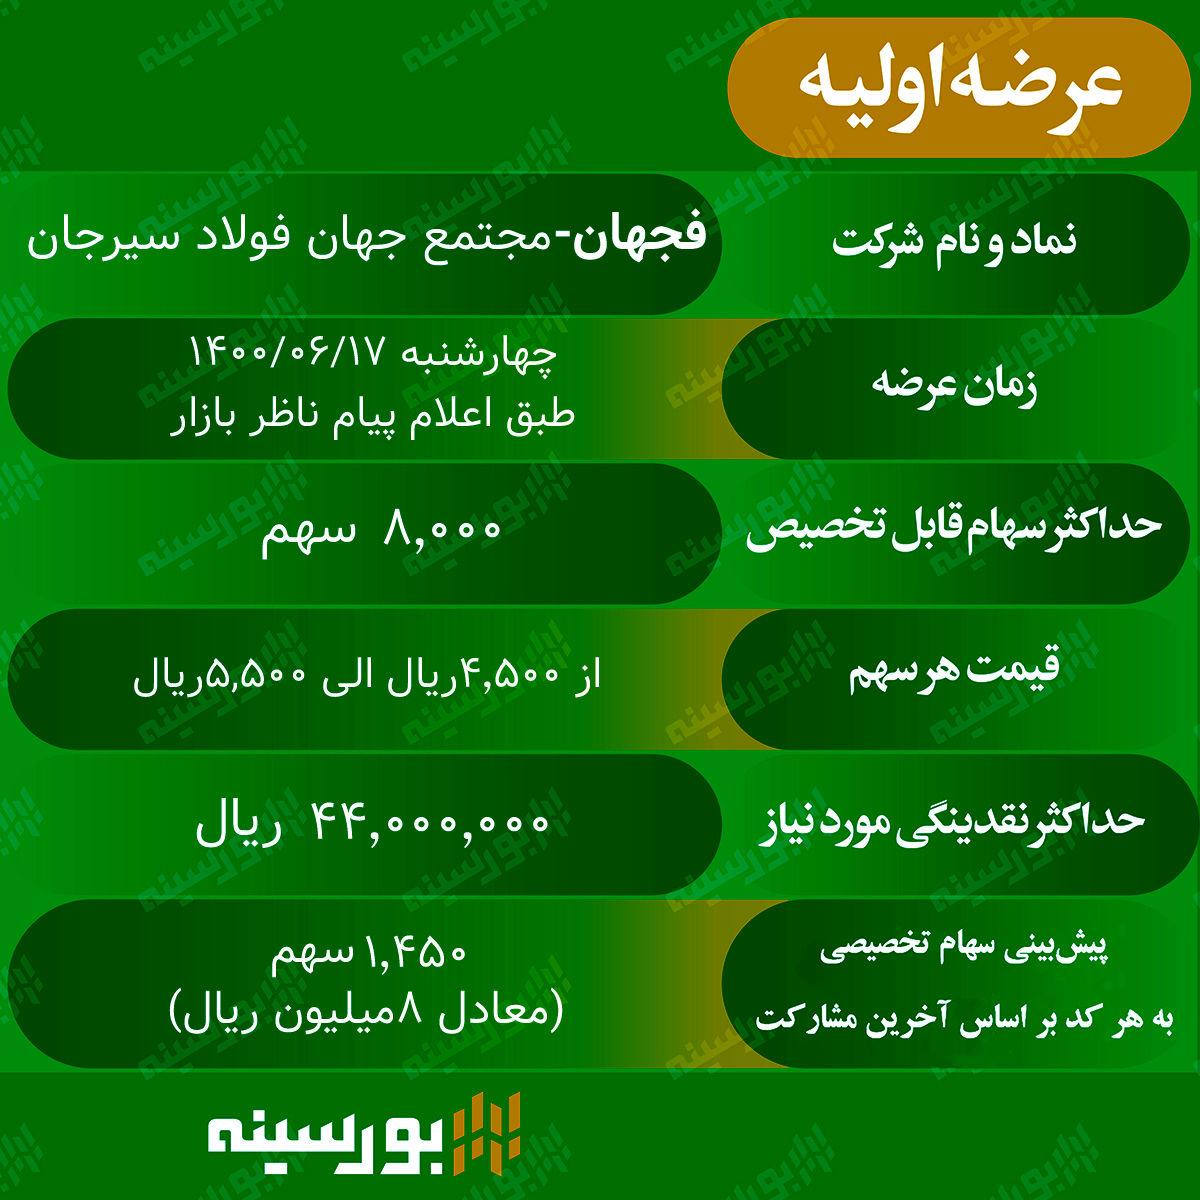 جزییات عرضه اولیه «فجهان» در فرابورس ایران